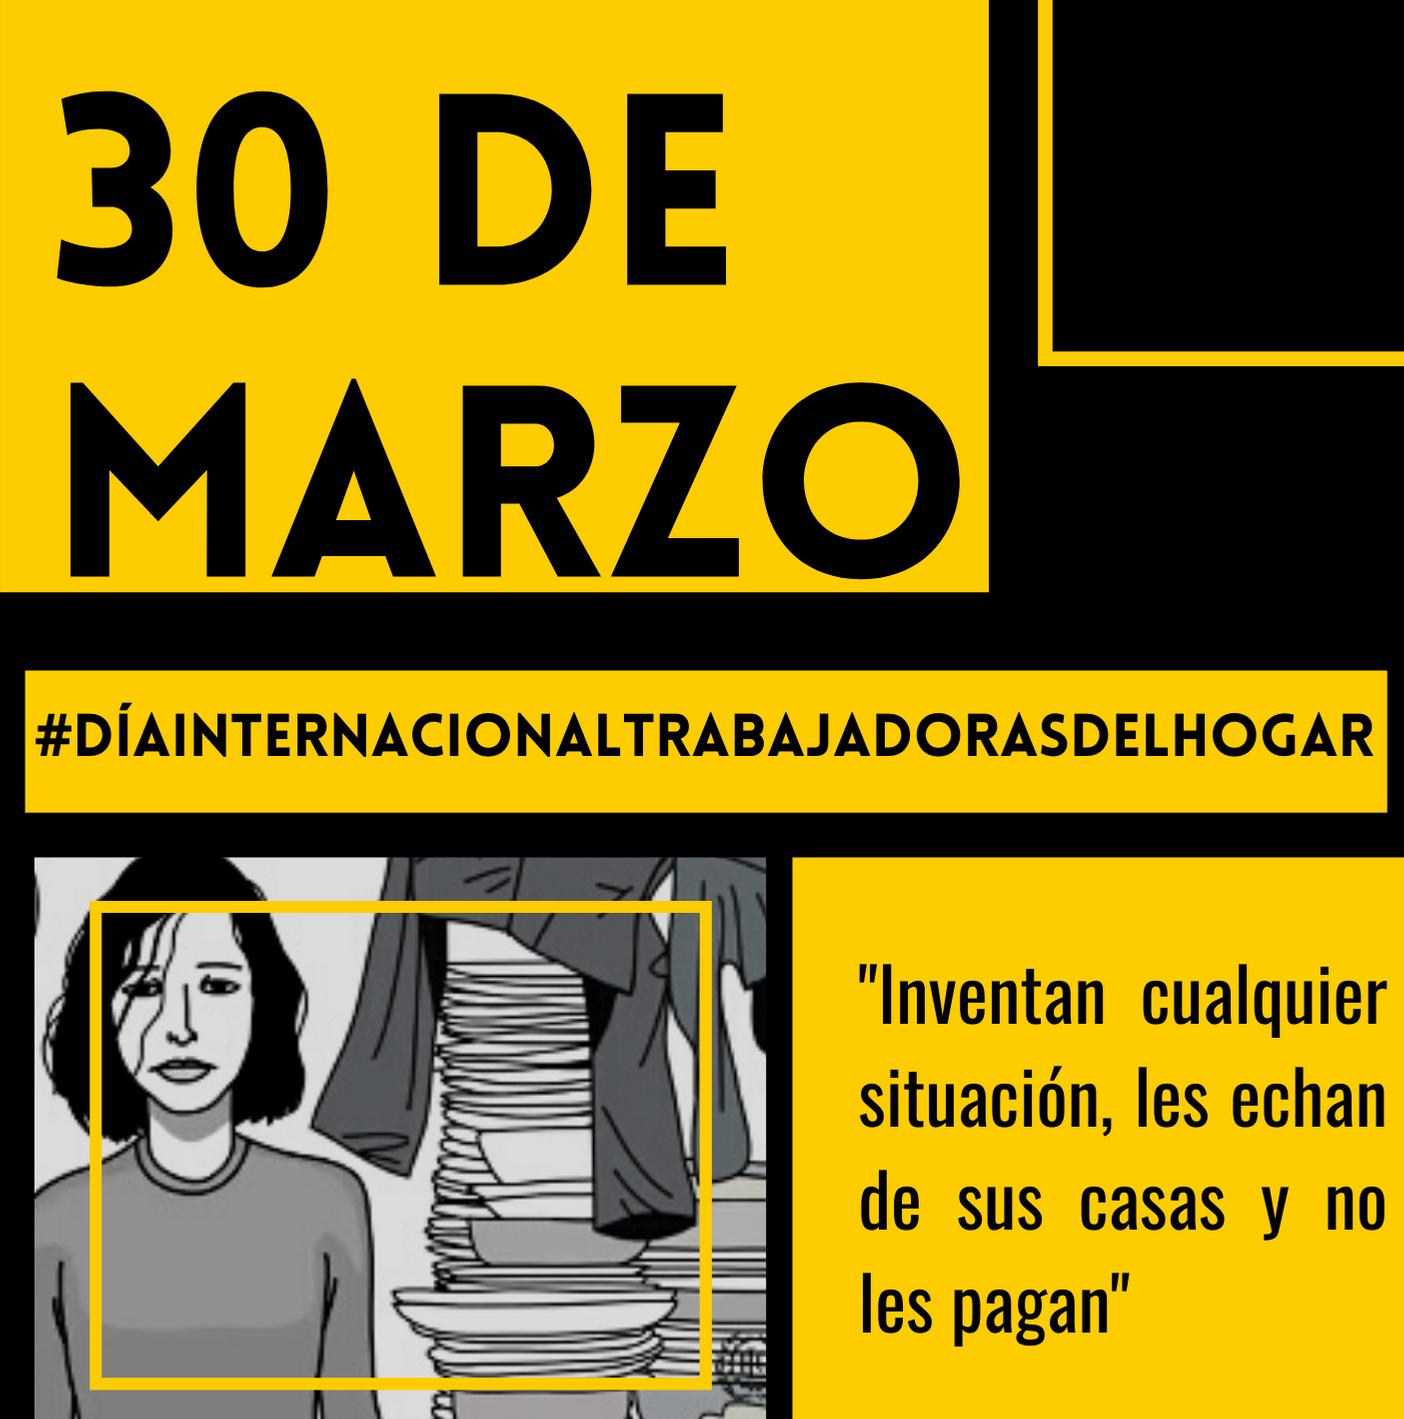 Día internacional de trabajadoras del hogar